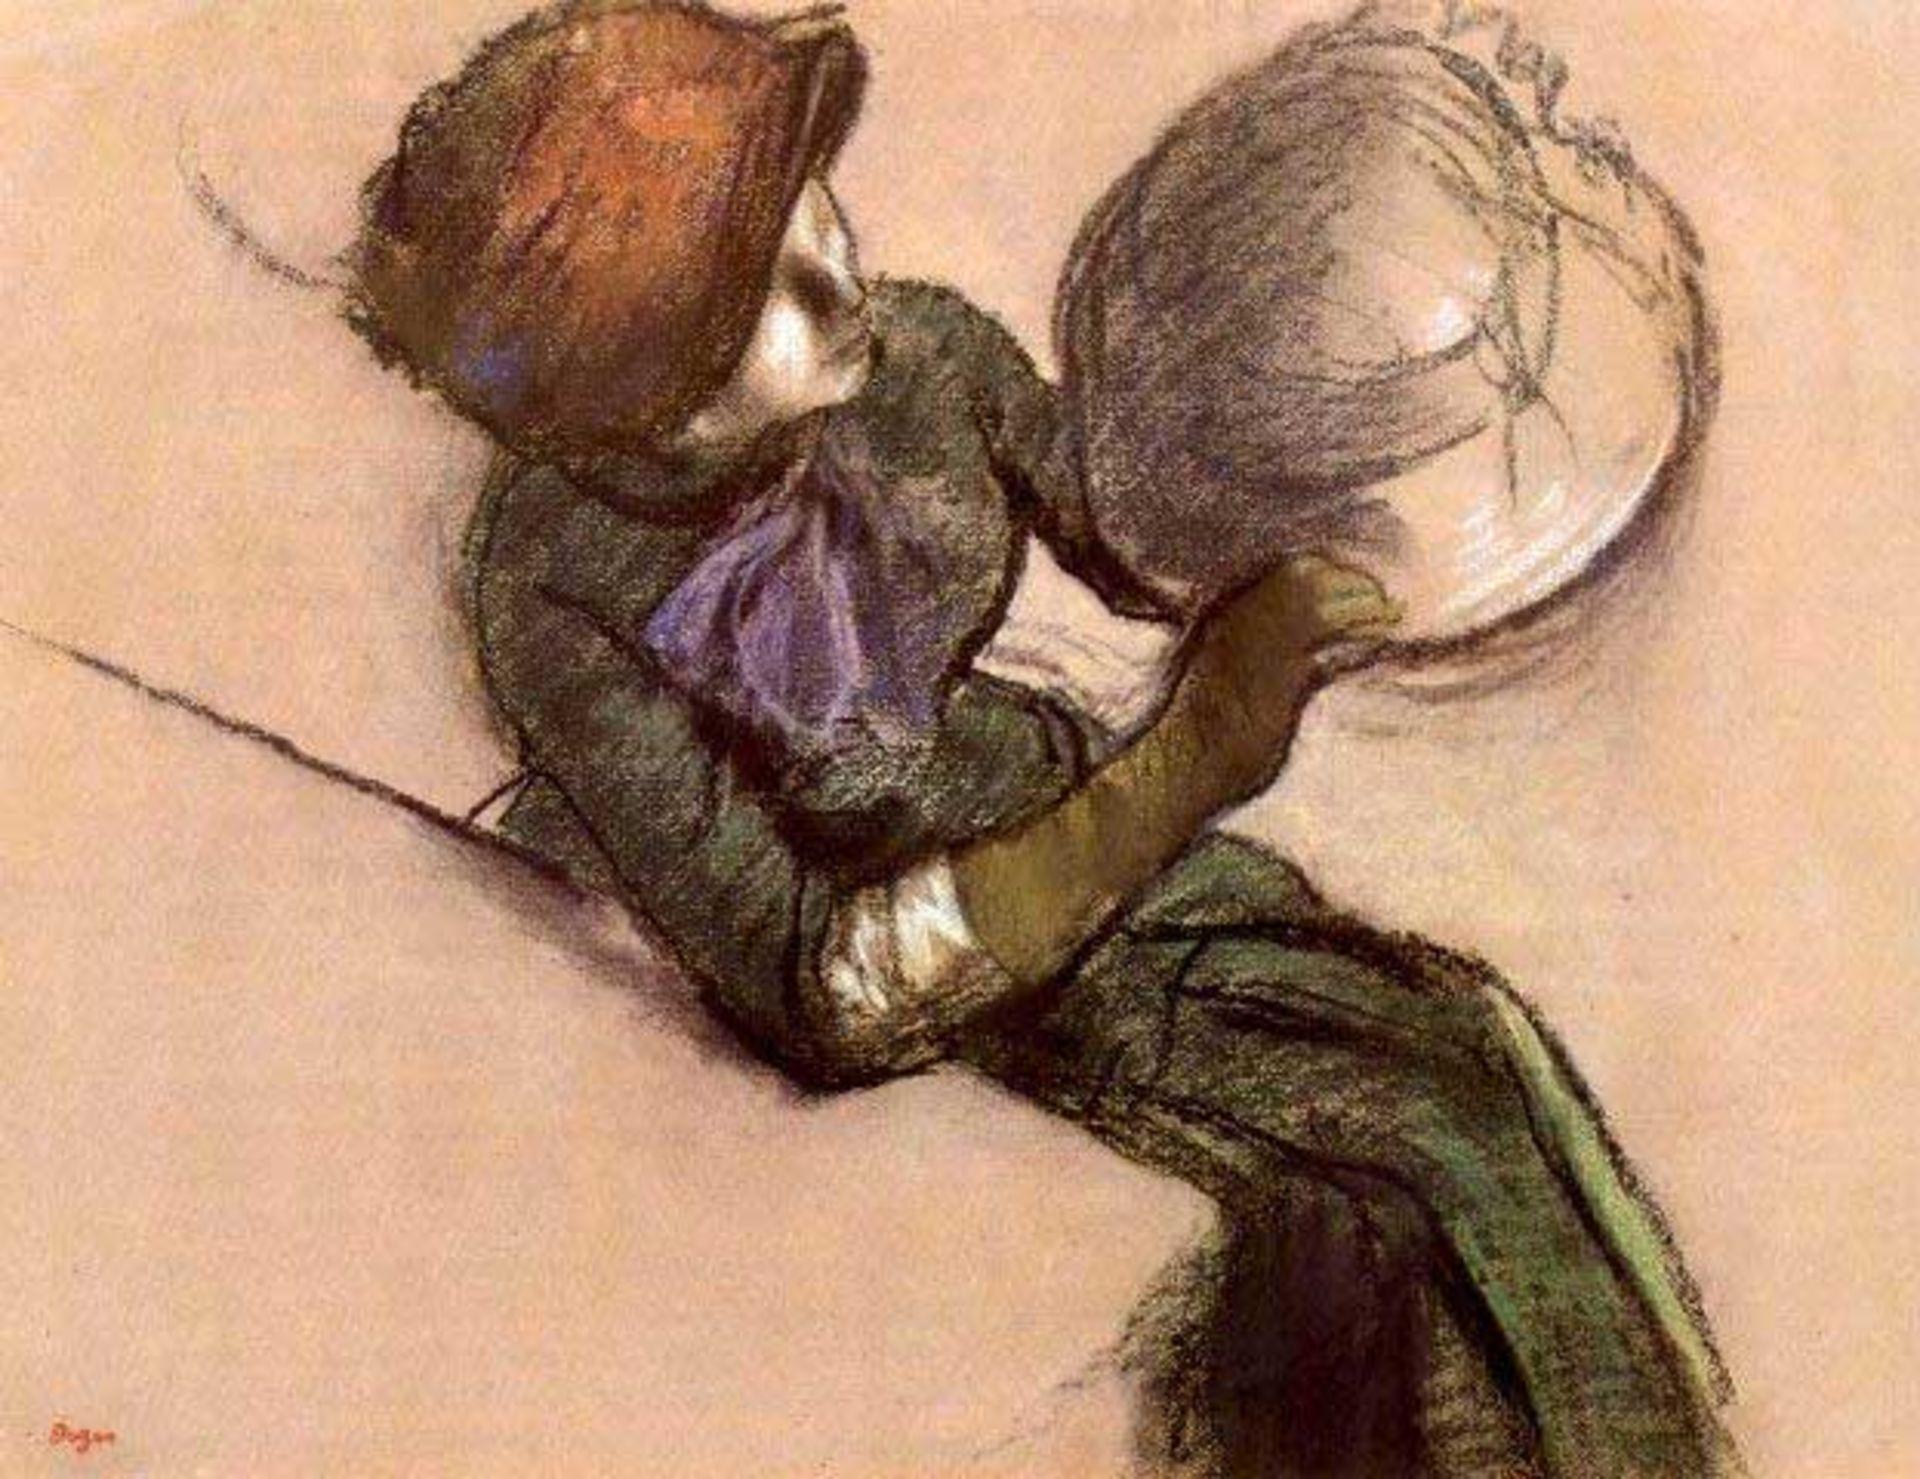 Edgar Degas - The Milliner #2